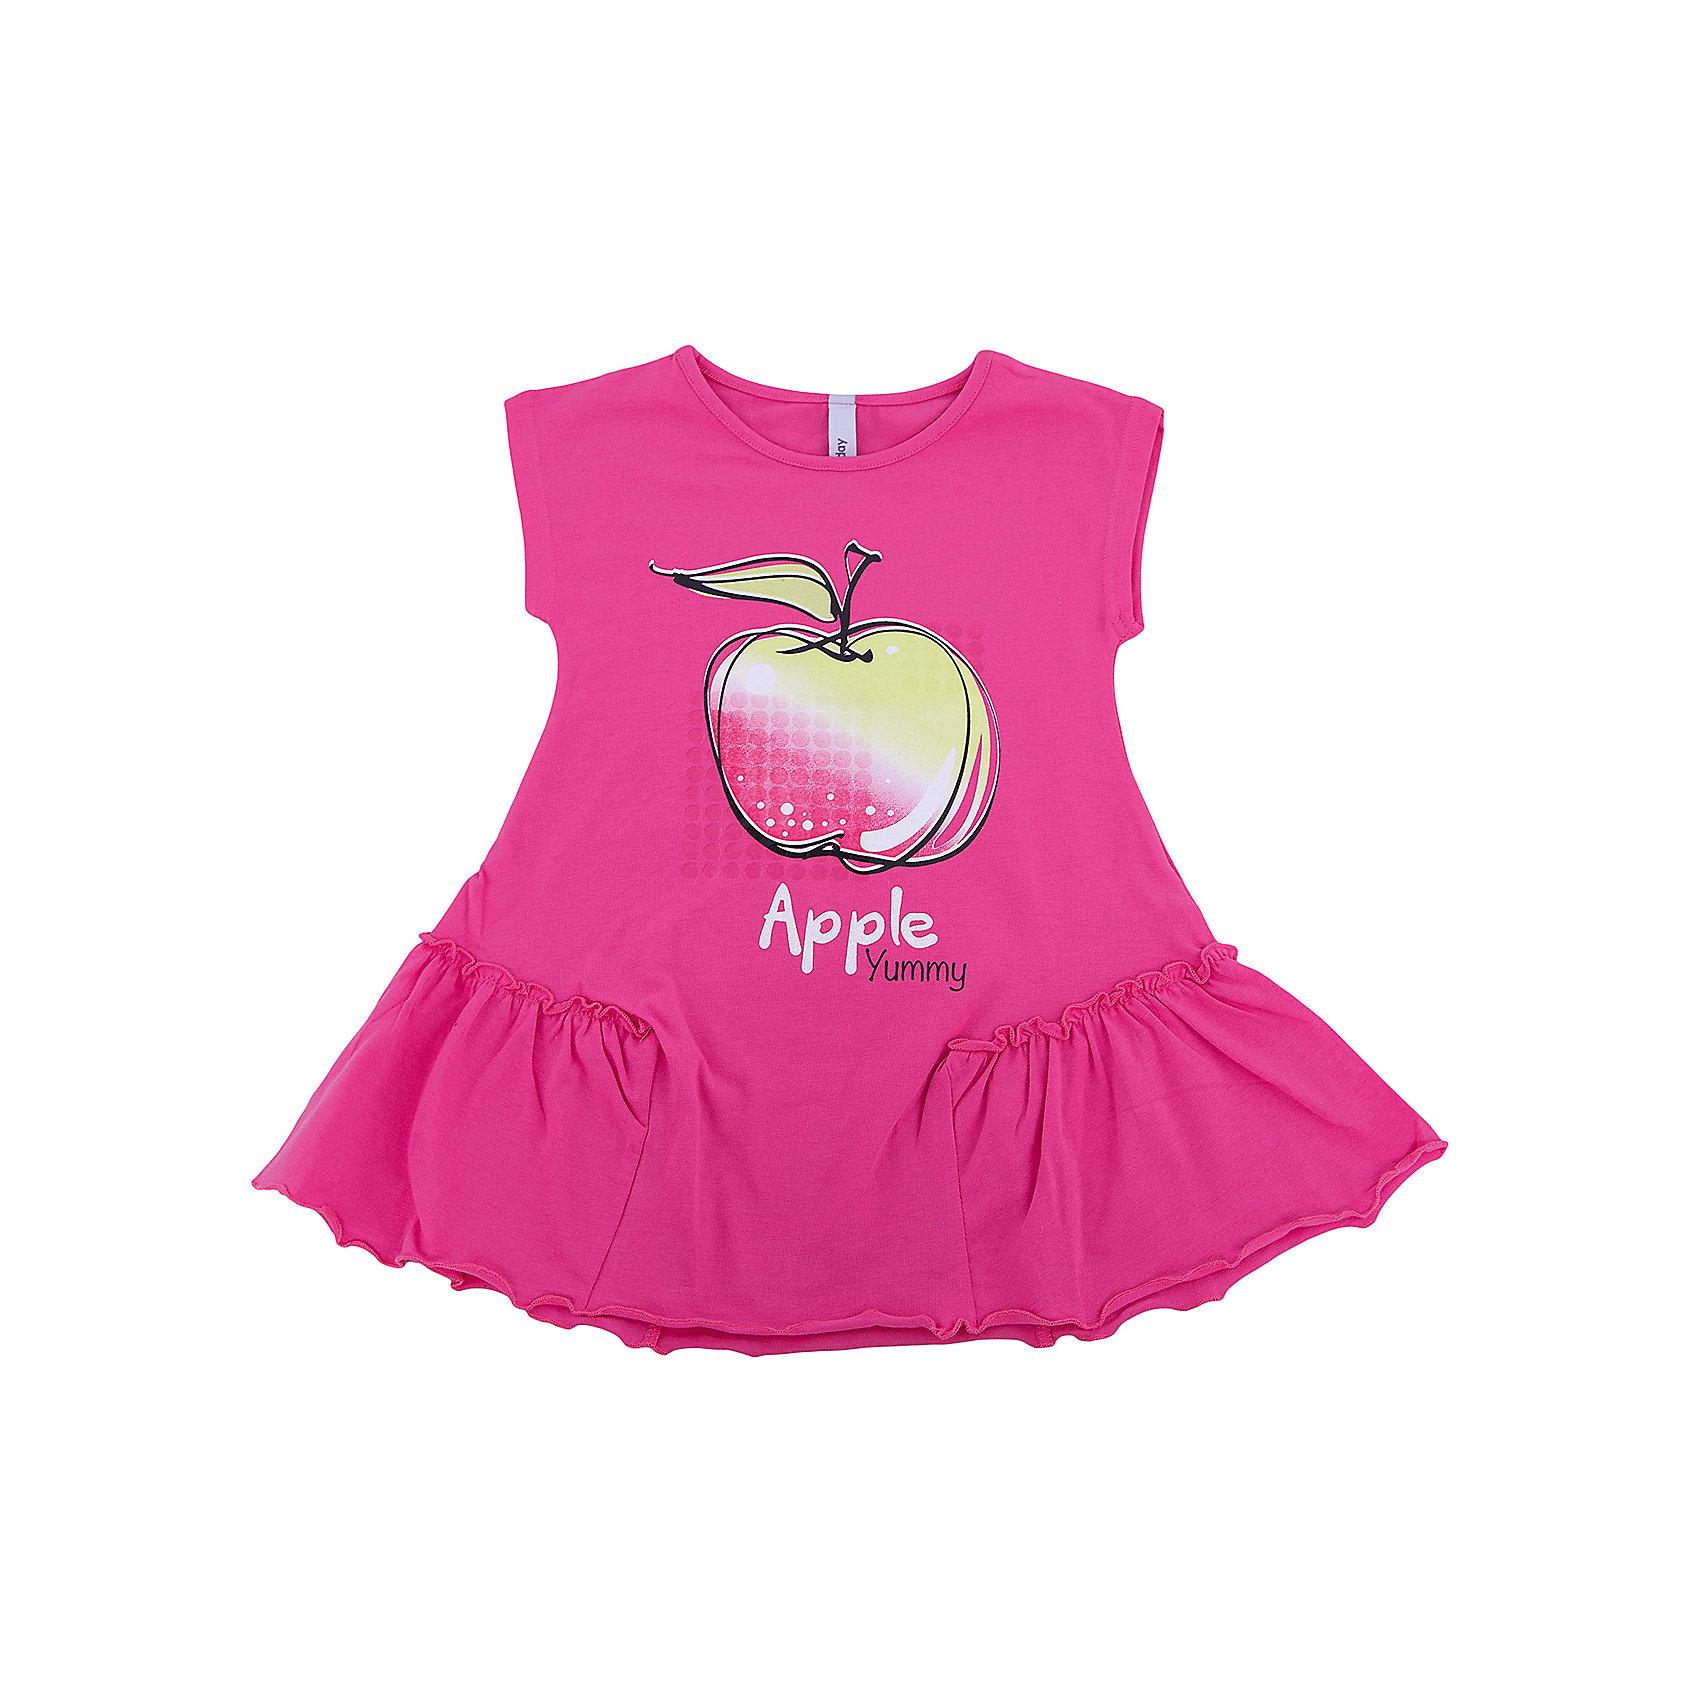 Платье для девочки PlayTodayПлатья и сарафаны<br>Платье для девочки PlayToday<br>Эффектное платье насыщенного цвета из натуральной ткани сможет быть прекрасным дополнением летнего детского гардероба. Модель декорирована ярким принтом. По бокам нестандартные вставки с мягкими оборками.<br>Состав:<br>95% хлопок, 5% эластан<br><br>Ширина мм: 236<br>Глубина мм: 16<br>Высота мм: 184<br>Вес г: 177<br>Цвет: разноцветный<br>Возраст от месяцев: 60<br>Возраст до месяцев: 72<br>Пол: Женский<br>Возраст: Детский<br>Размер: 116,122,128,98,104,110<br>SKU: 5404515